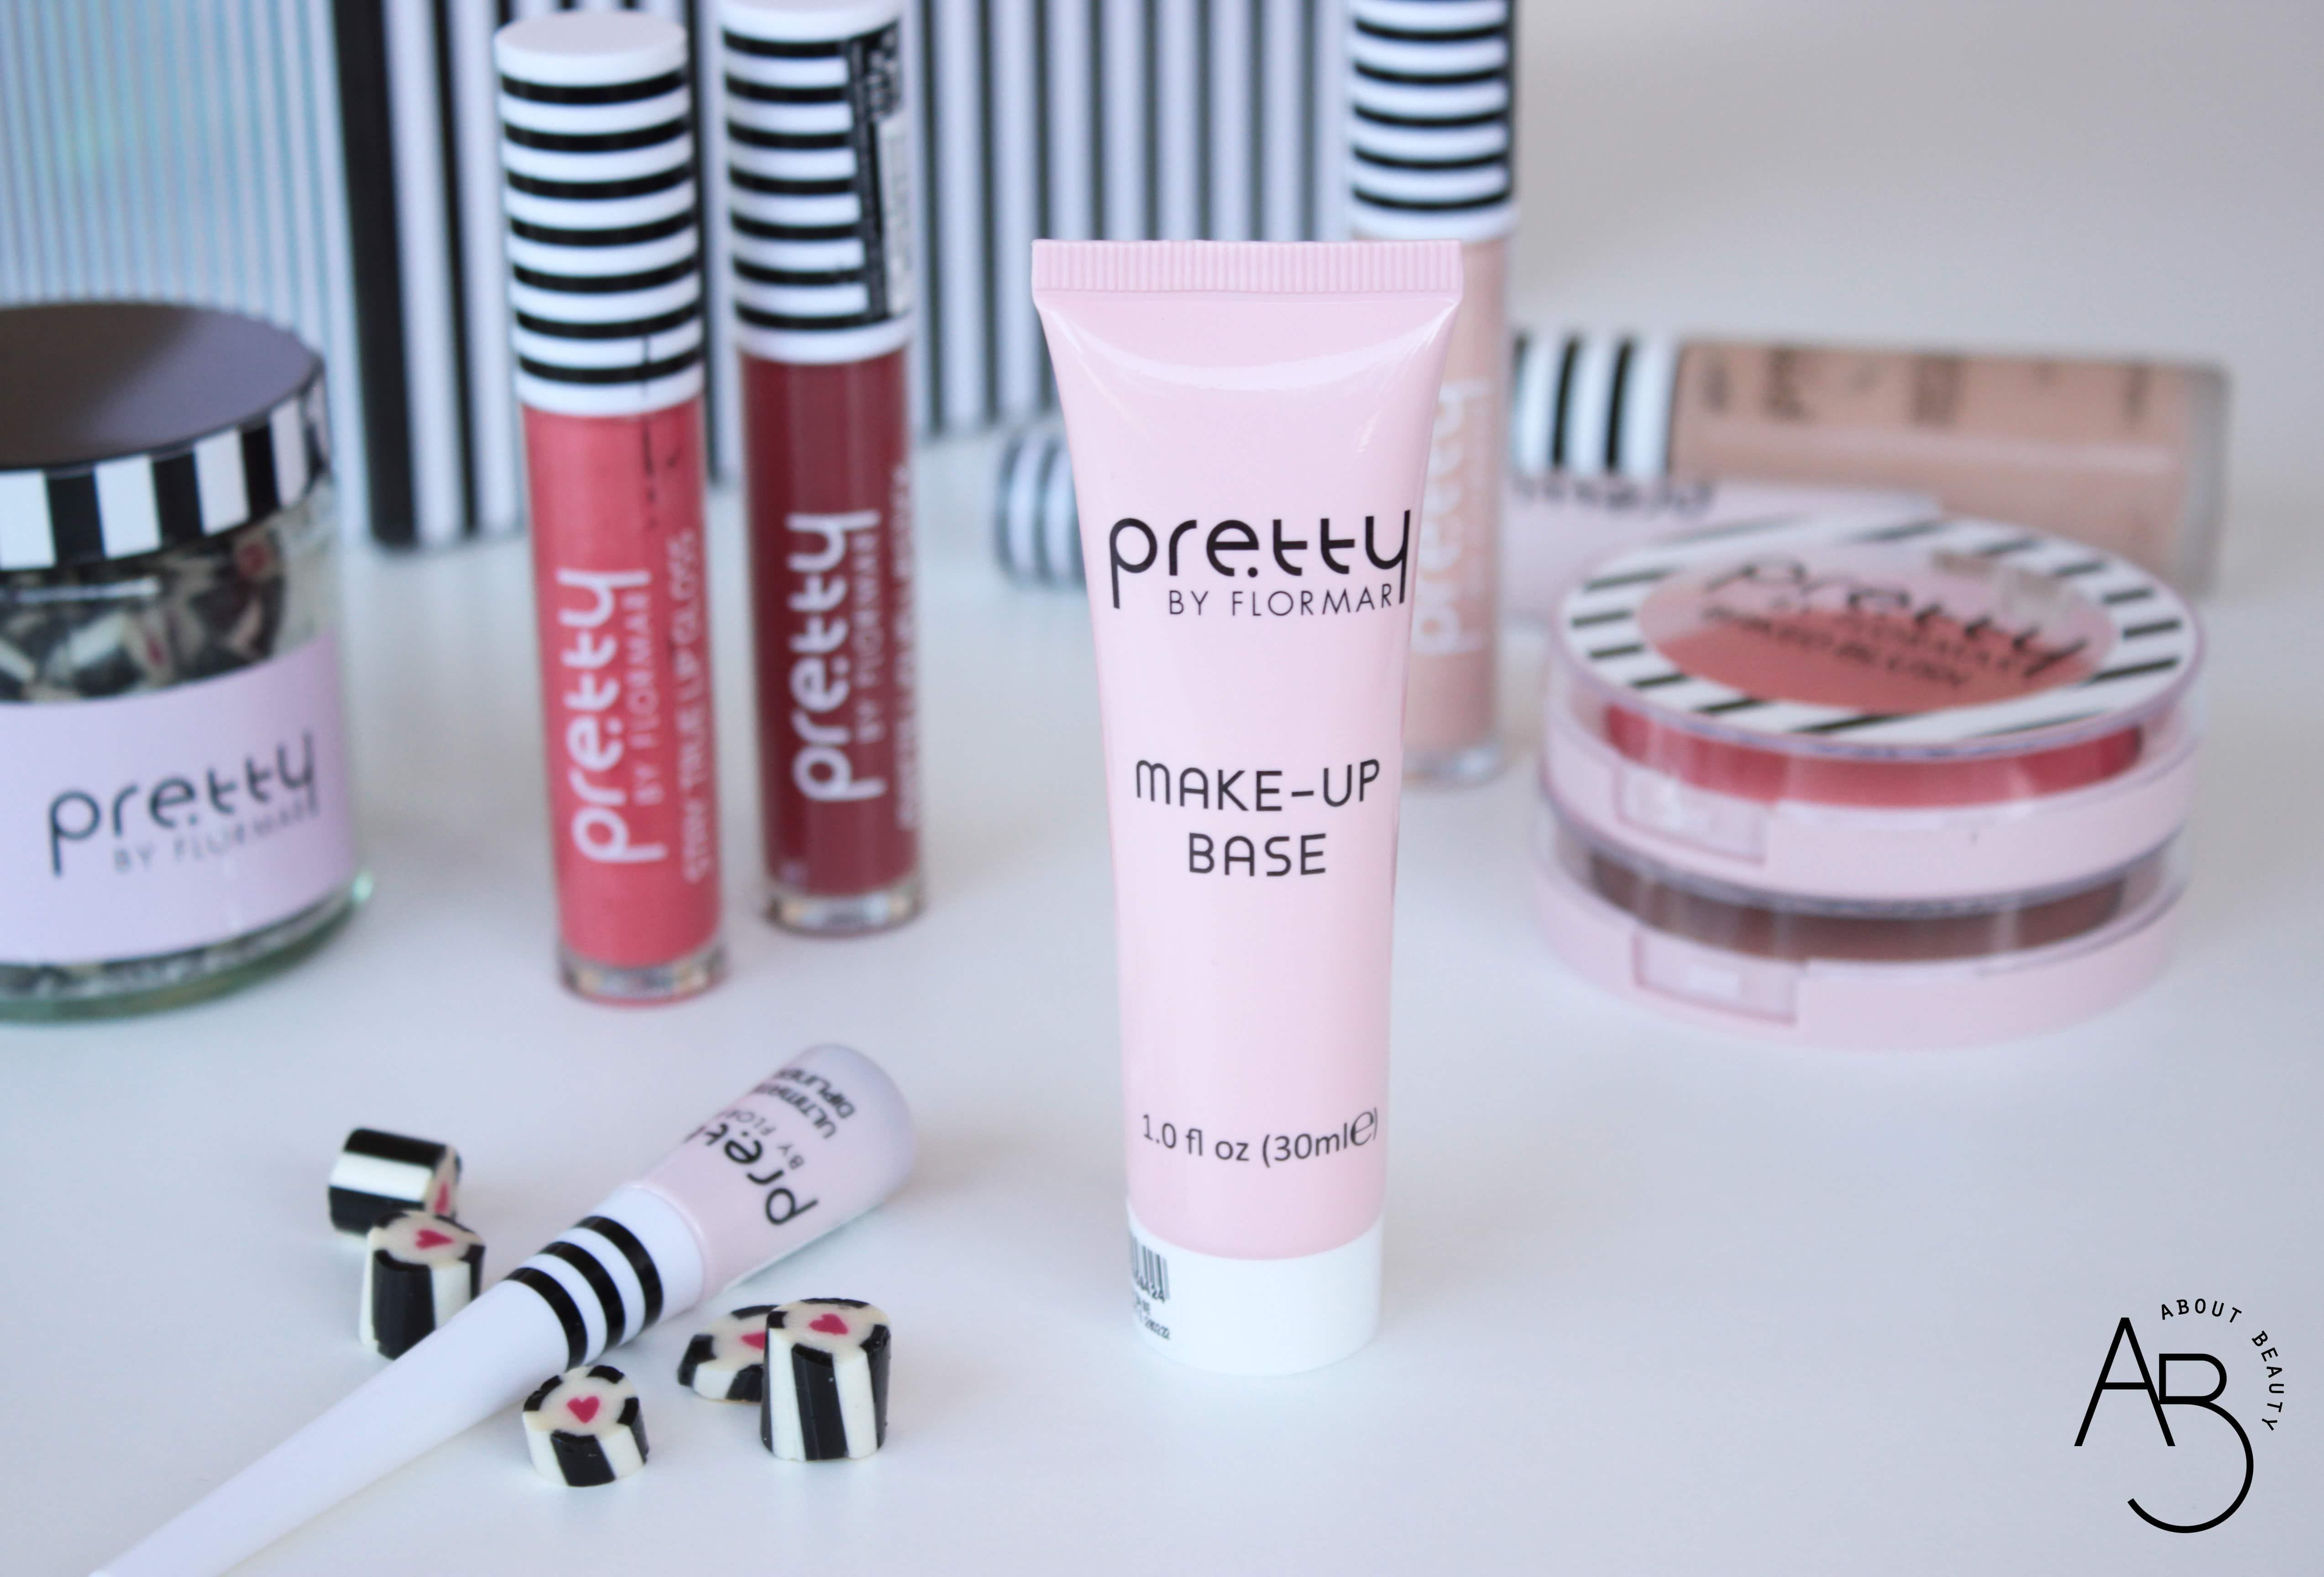 Pretty by Flormar, la nuova linea make-up low cost in esclusiva da OVS - Review, recensione, opinioni, dove acquistare, swatch - Primer viso Make-up Base